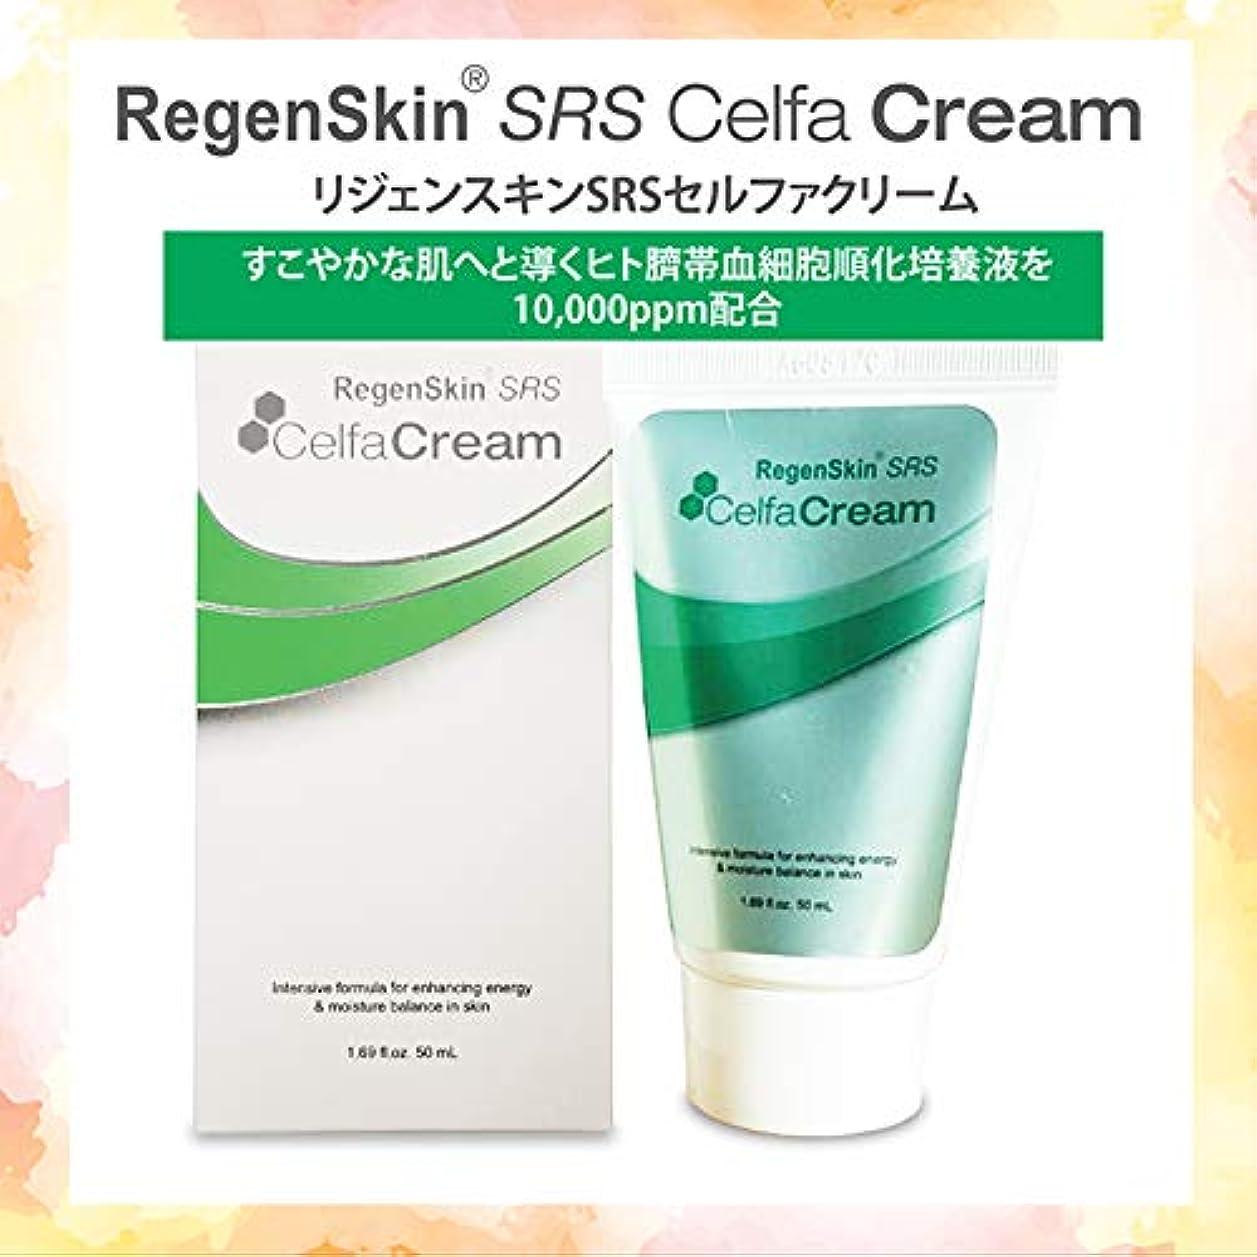 パーセントに応じて白内障リジェンスキンSRSセルファクリーム - 50mL(RegenSkin SRS CelfaCream)